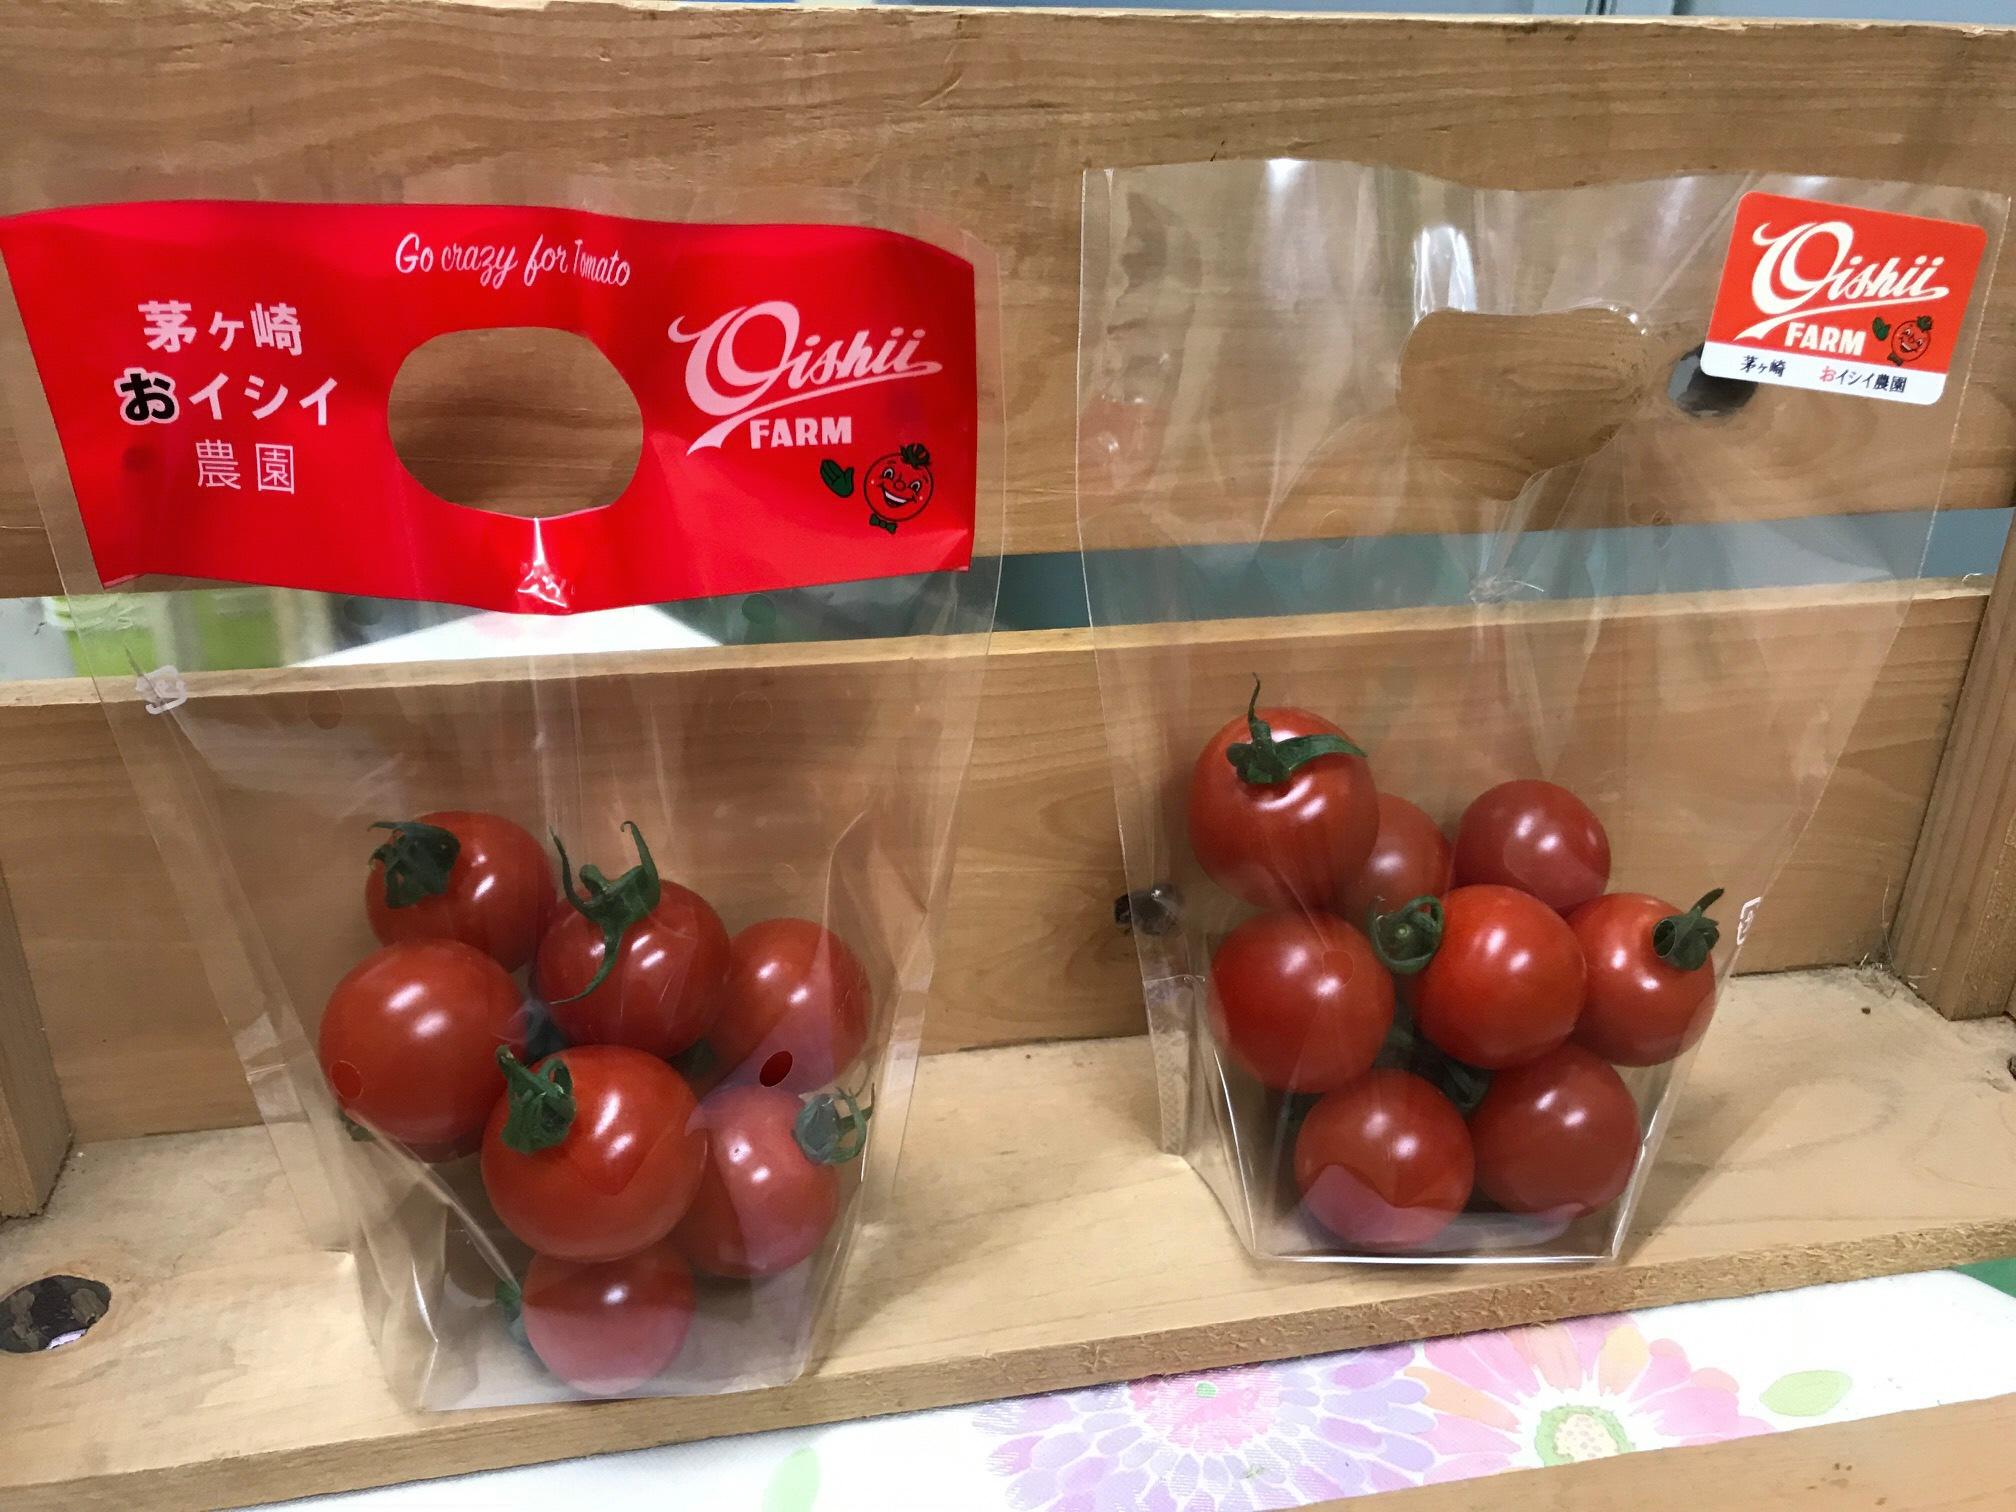 おイシイ農園のミニトマト